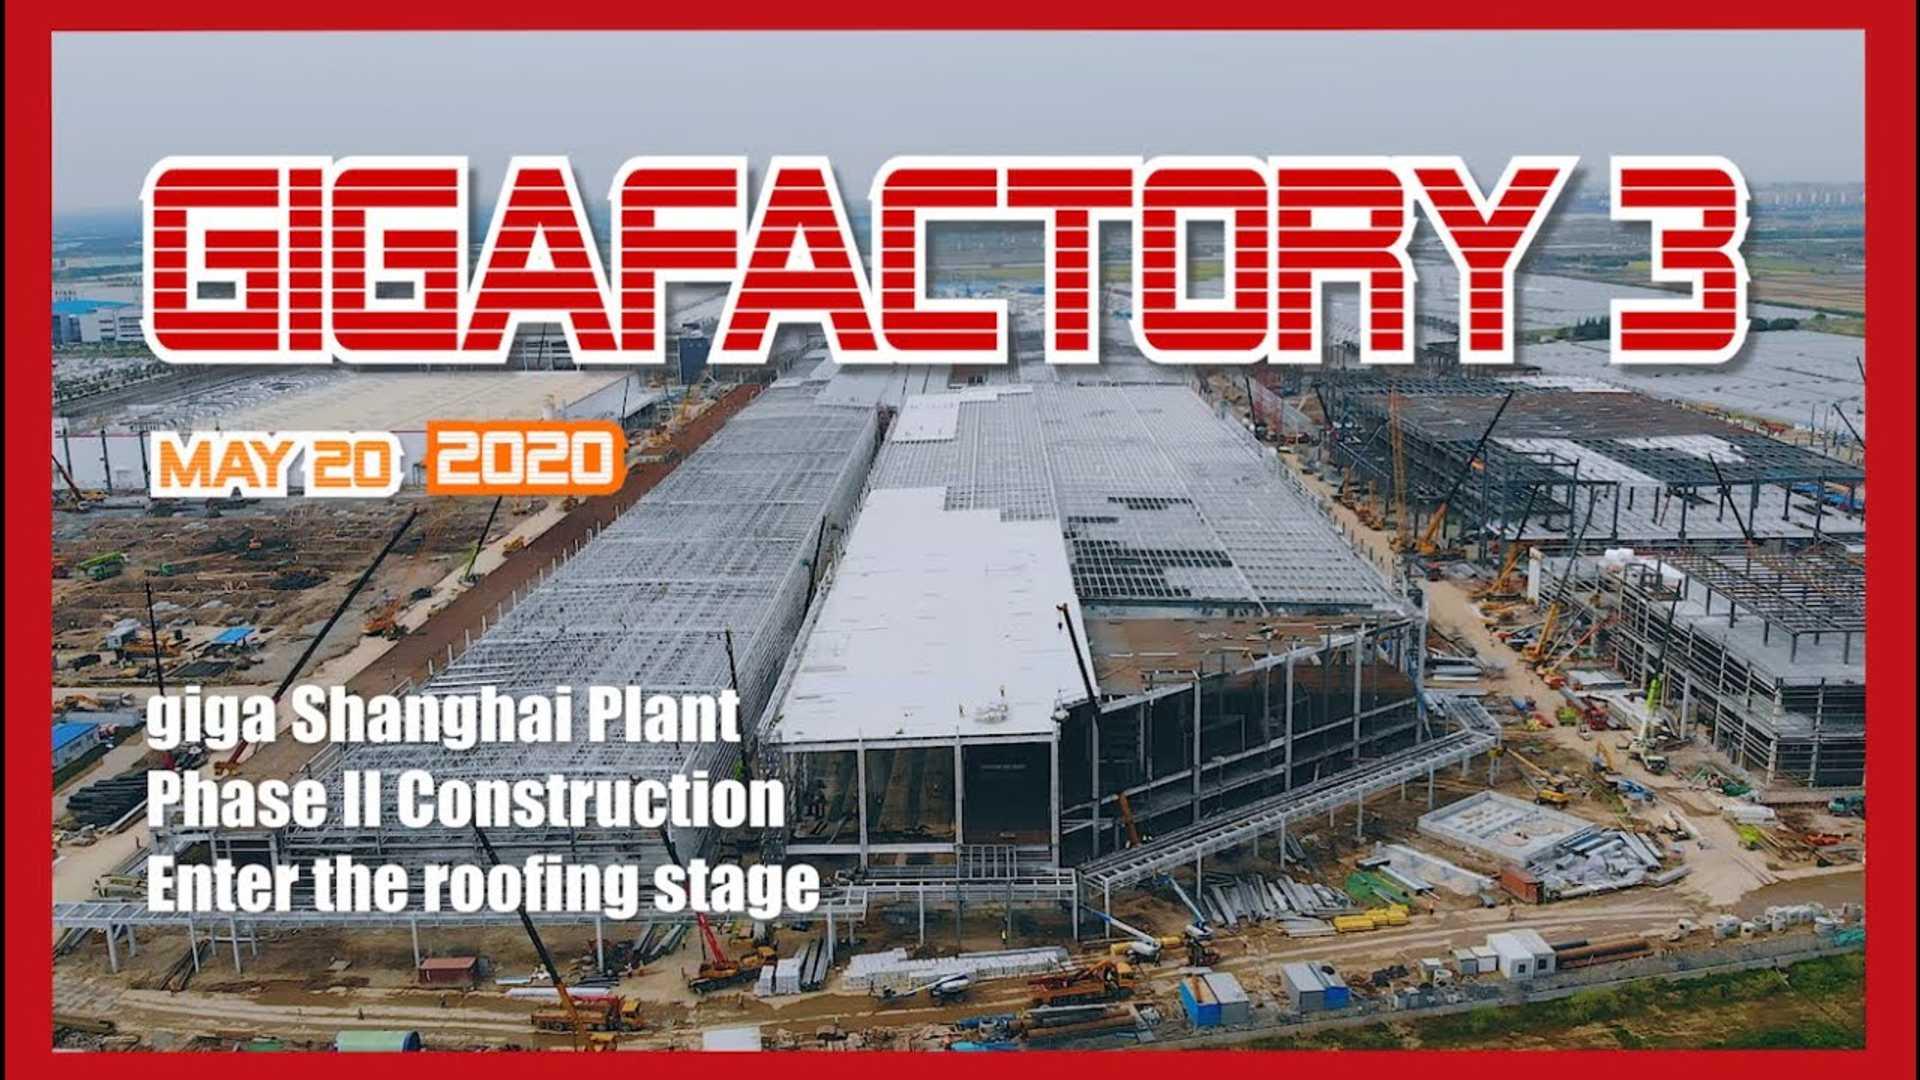 Тесла Гига Шанхай Строительство Строительство 20 мая 2020 года: видео